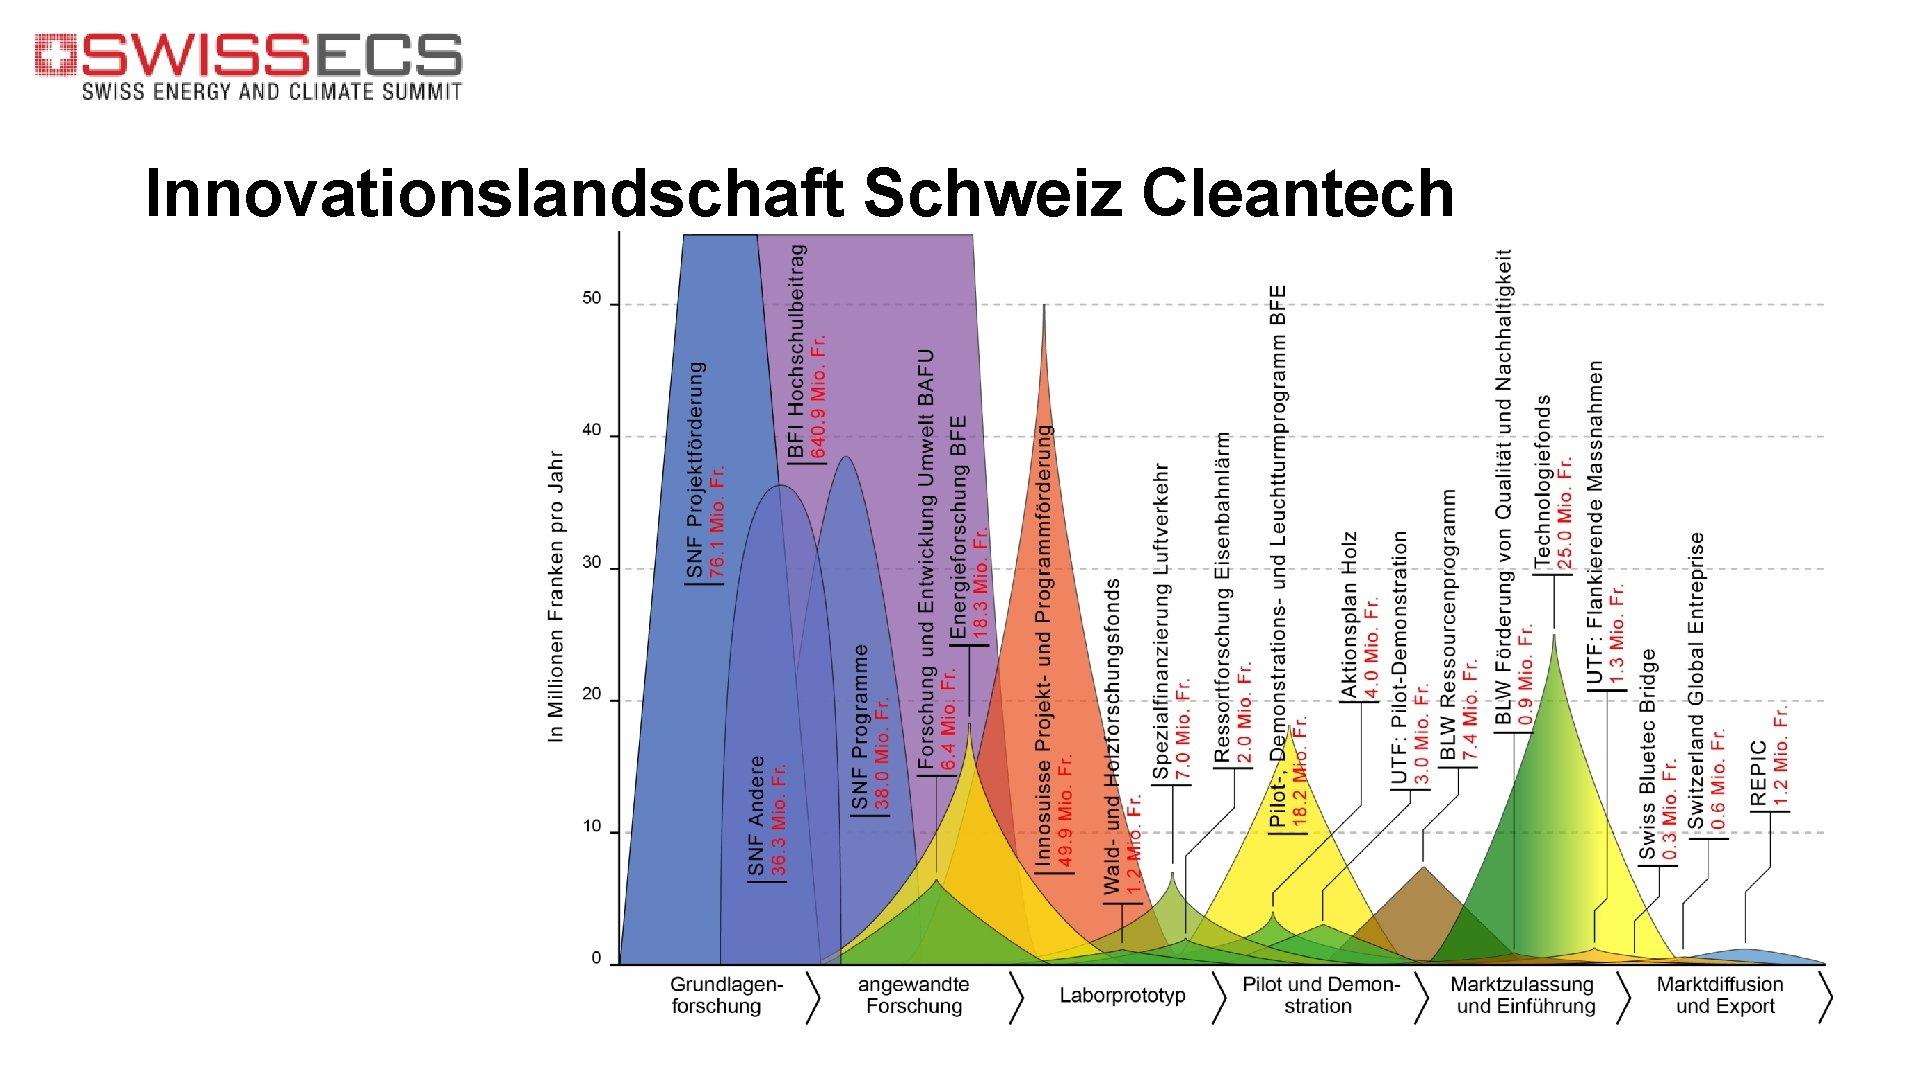 Innovationslandschaft Schweiz Cleantech